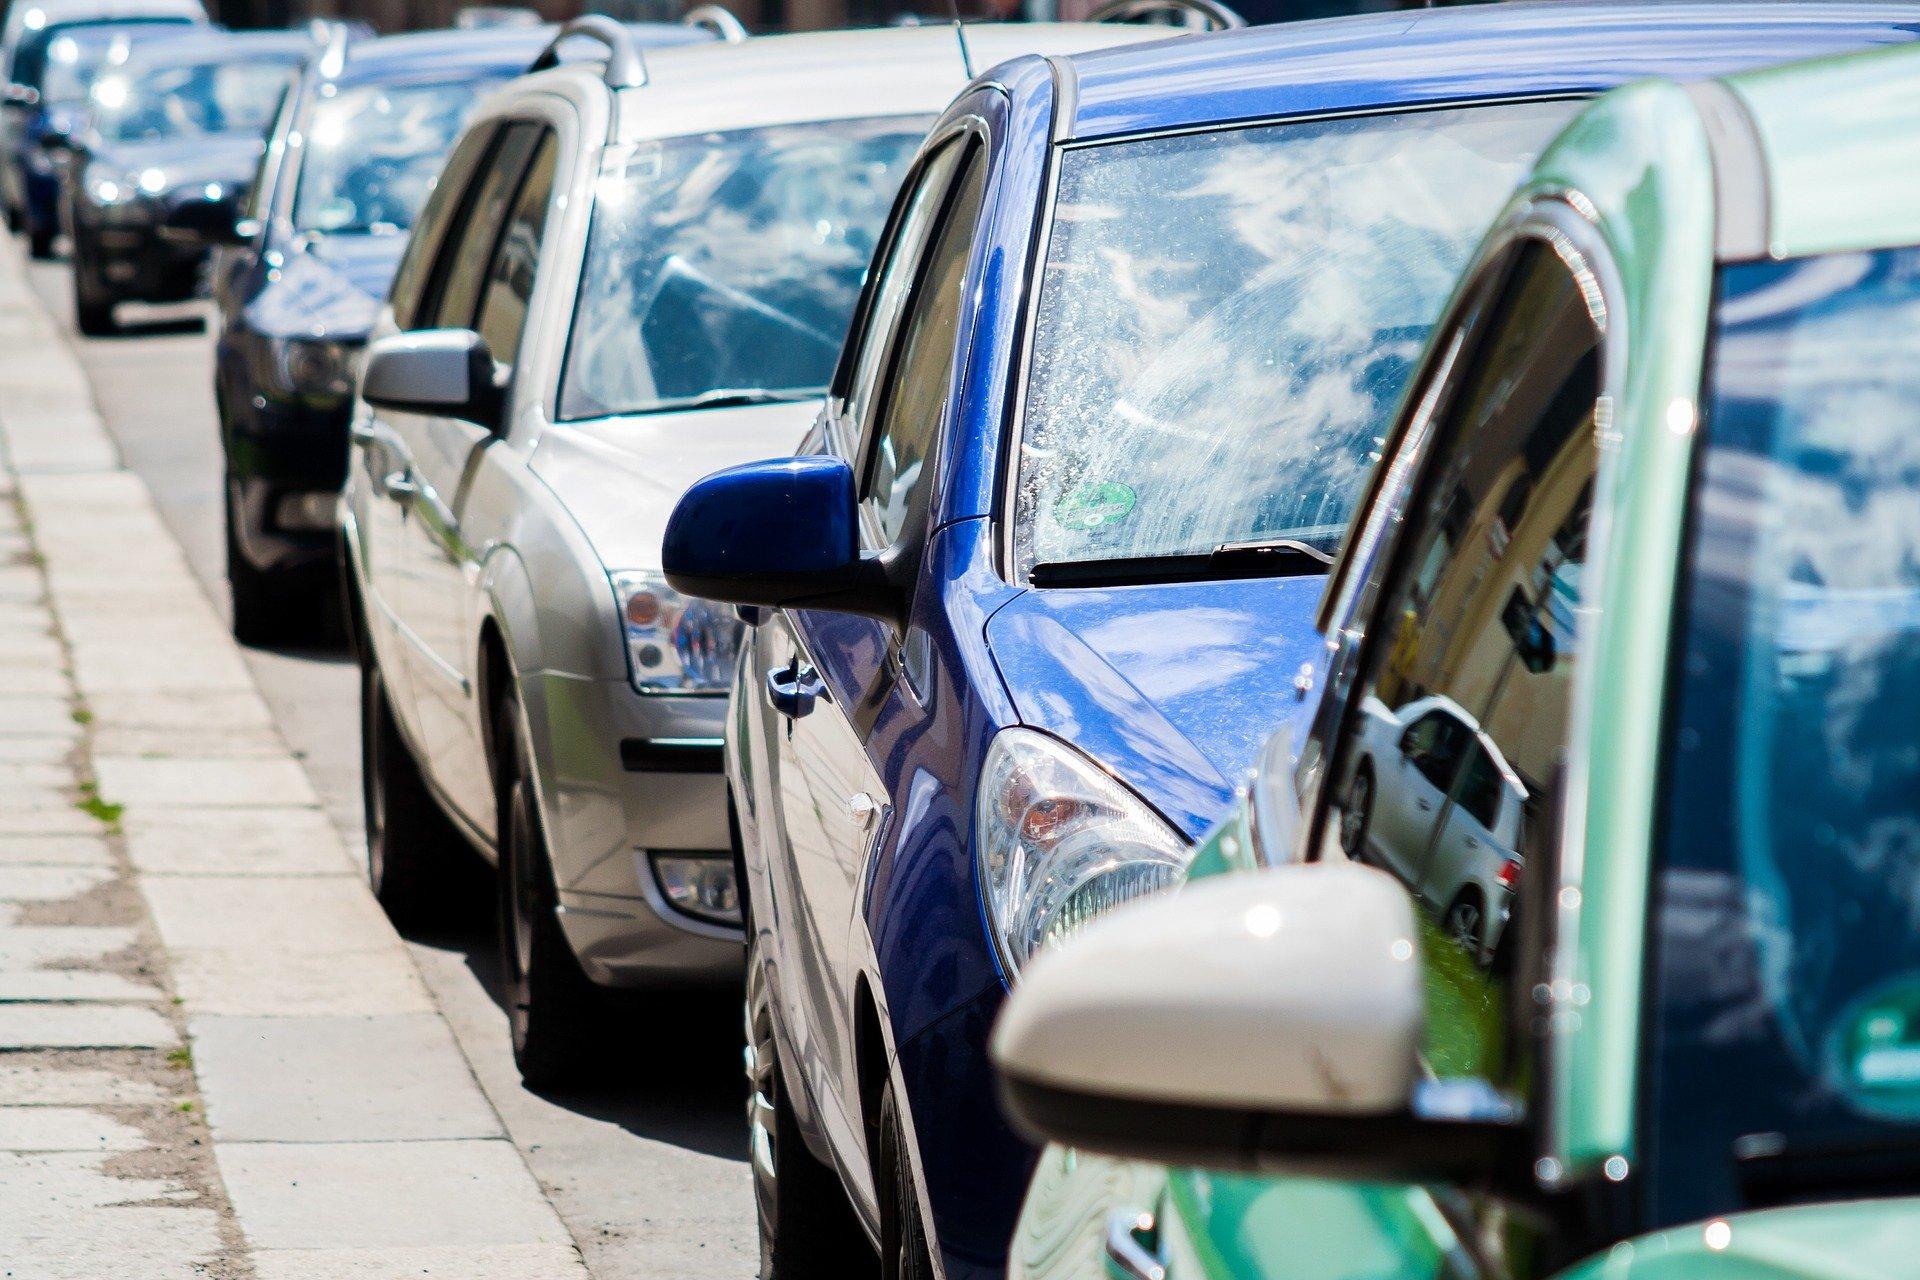 Bußgelder für Parken auf dem Bürgersteig 3